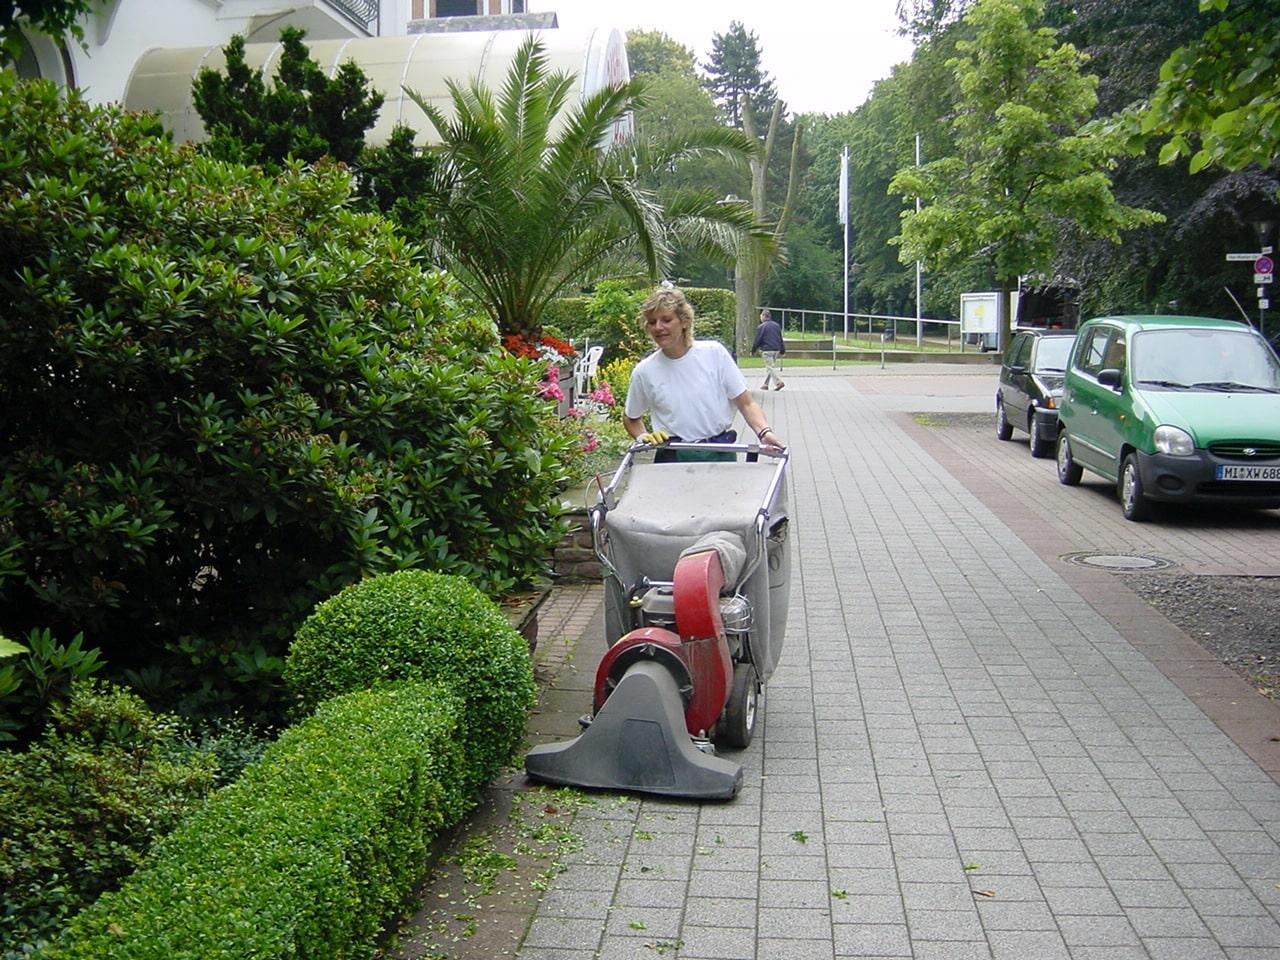 Laub saugen Haus & Garten Service Bad Oeynhausen